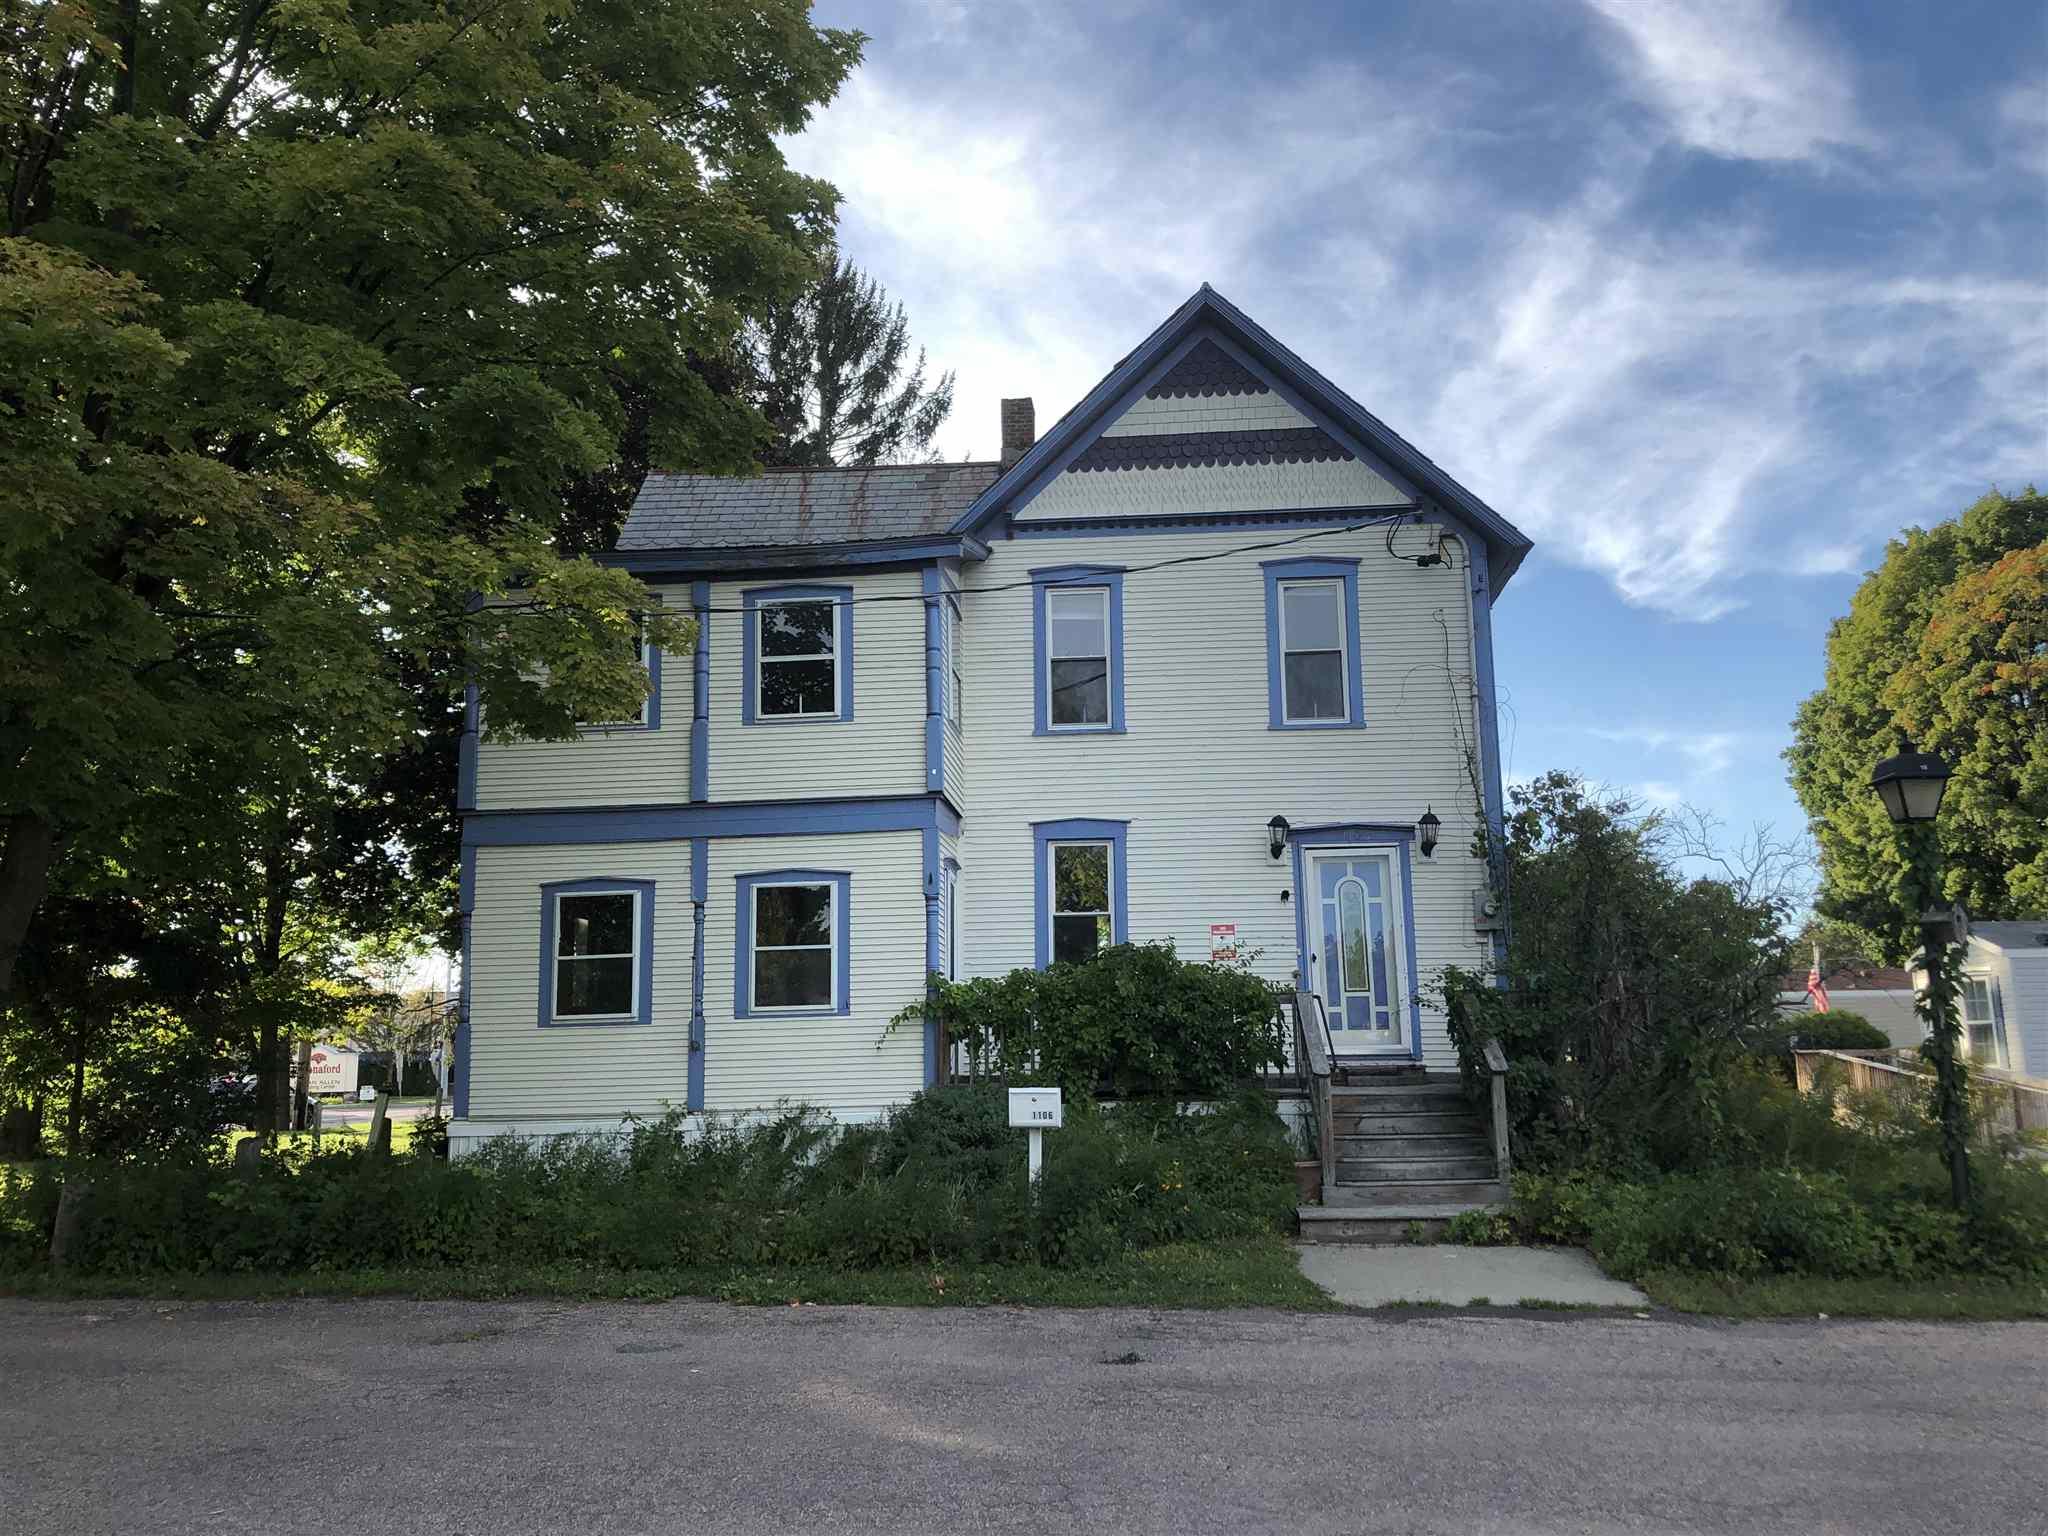 1106 North Avenue, Burlington, Vermont 05408, 3 Bedrooms Bedrooms, ,2 BathroomsBathrooms,Single Family,For Sale,1106 North Avenue,2,4785804